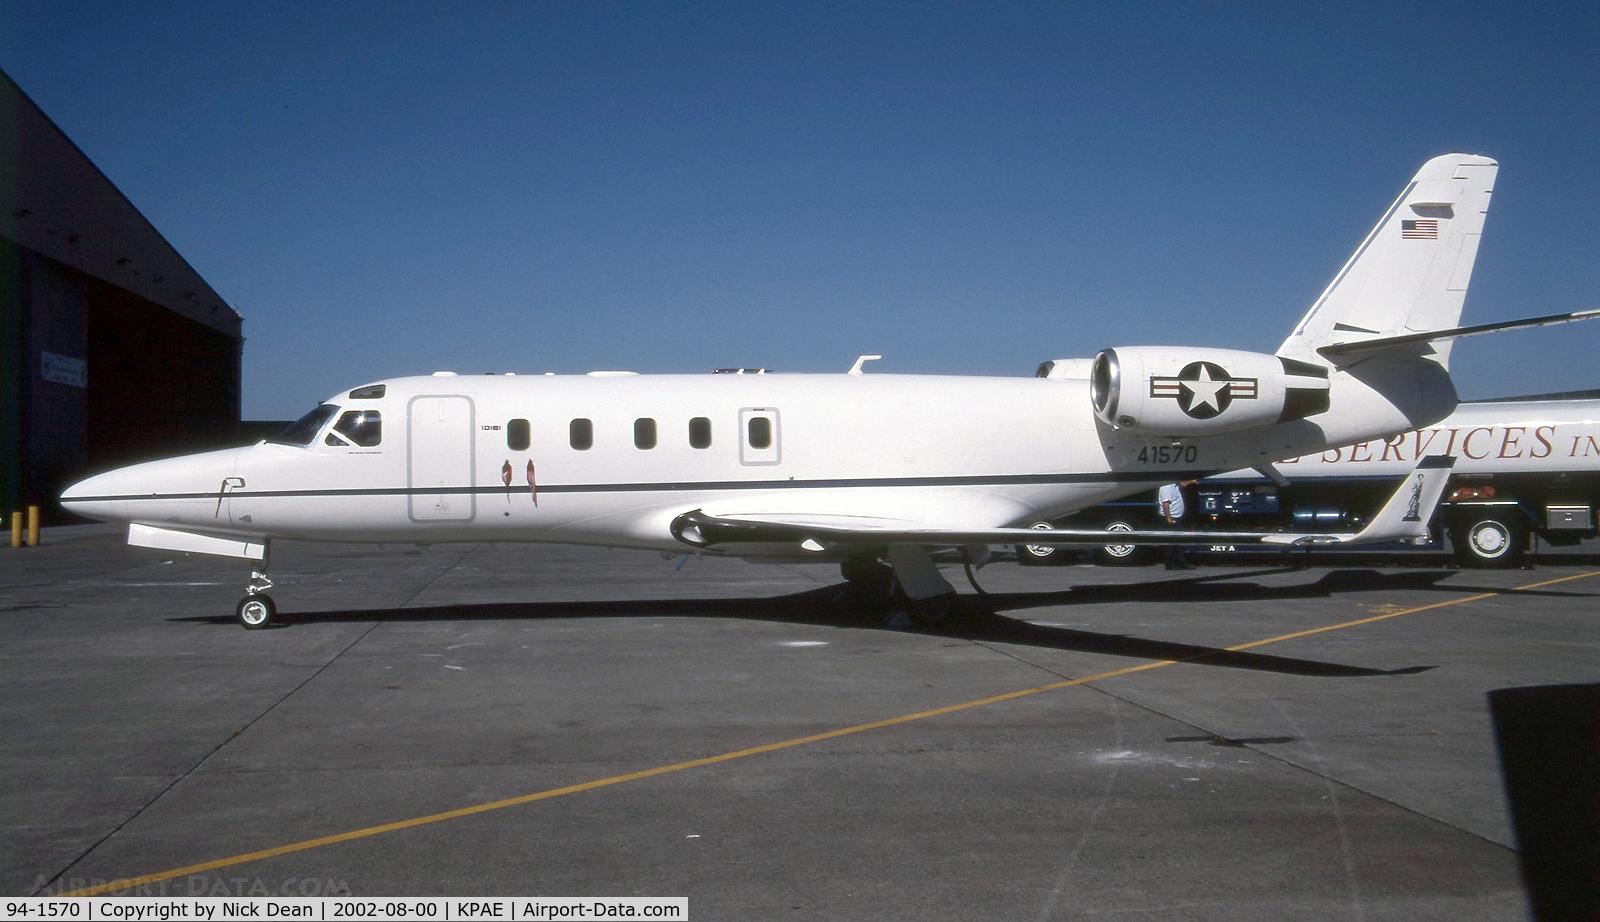 94-1570, 1994 Galaxy Aerospace C-38A Courier C/N 090, KPAE